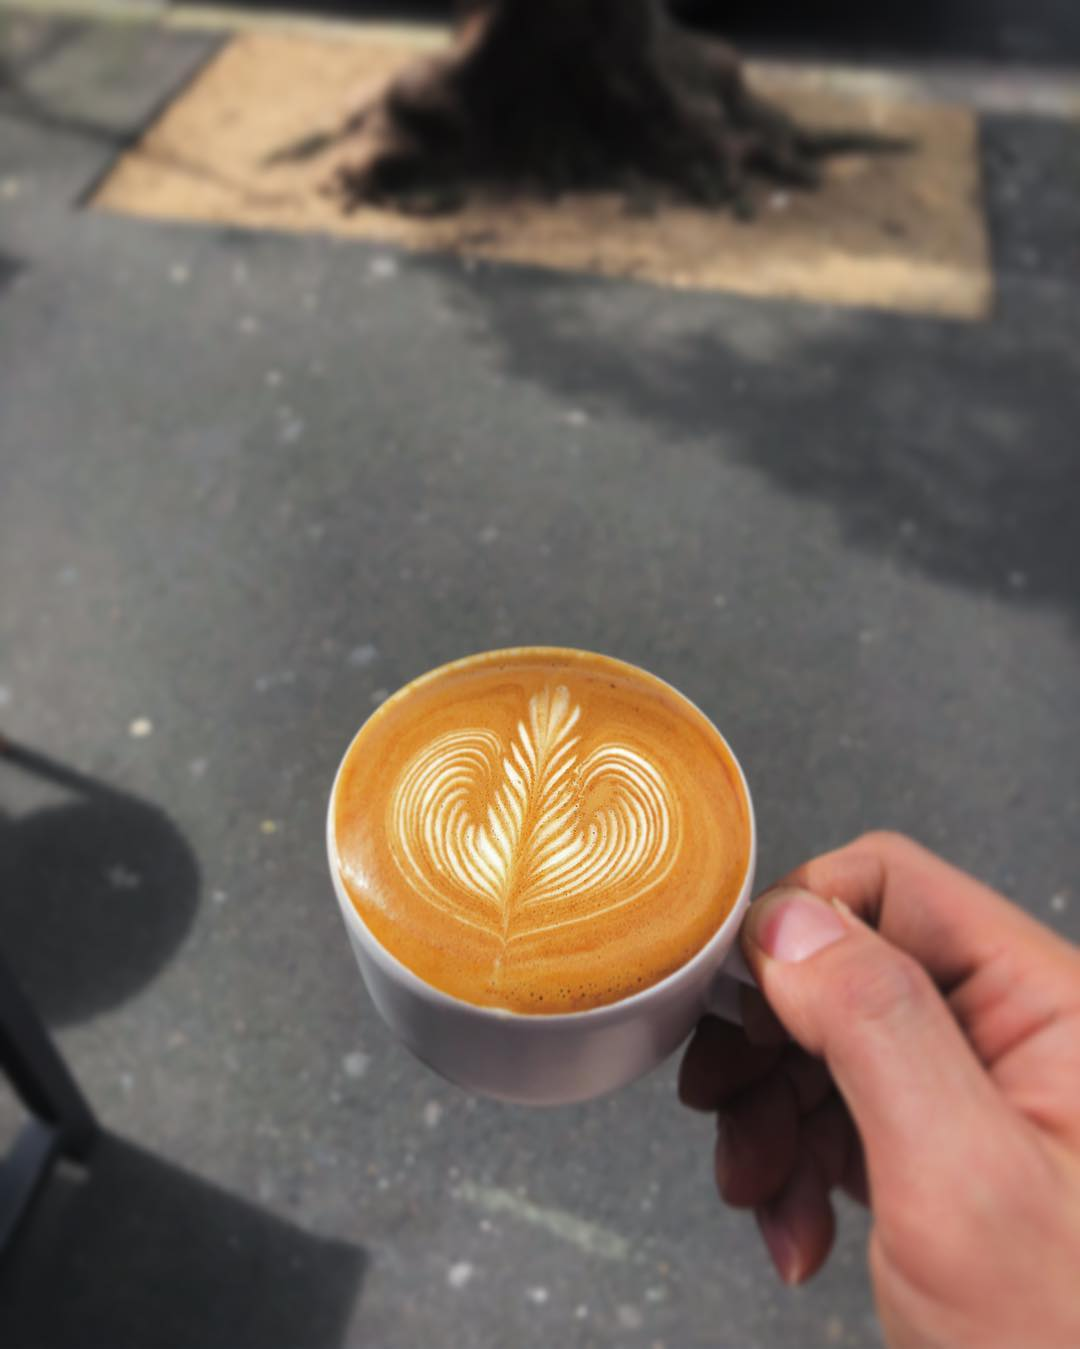 画像2: 5.コーヒー愛好家に密かな人気の穴場店『Primary Coffee Roasters』(プライマリー・コーヒー・ロースターズ)